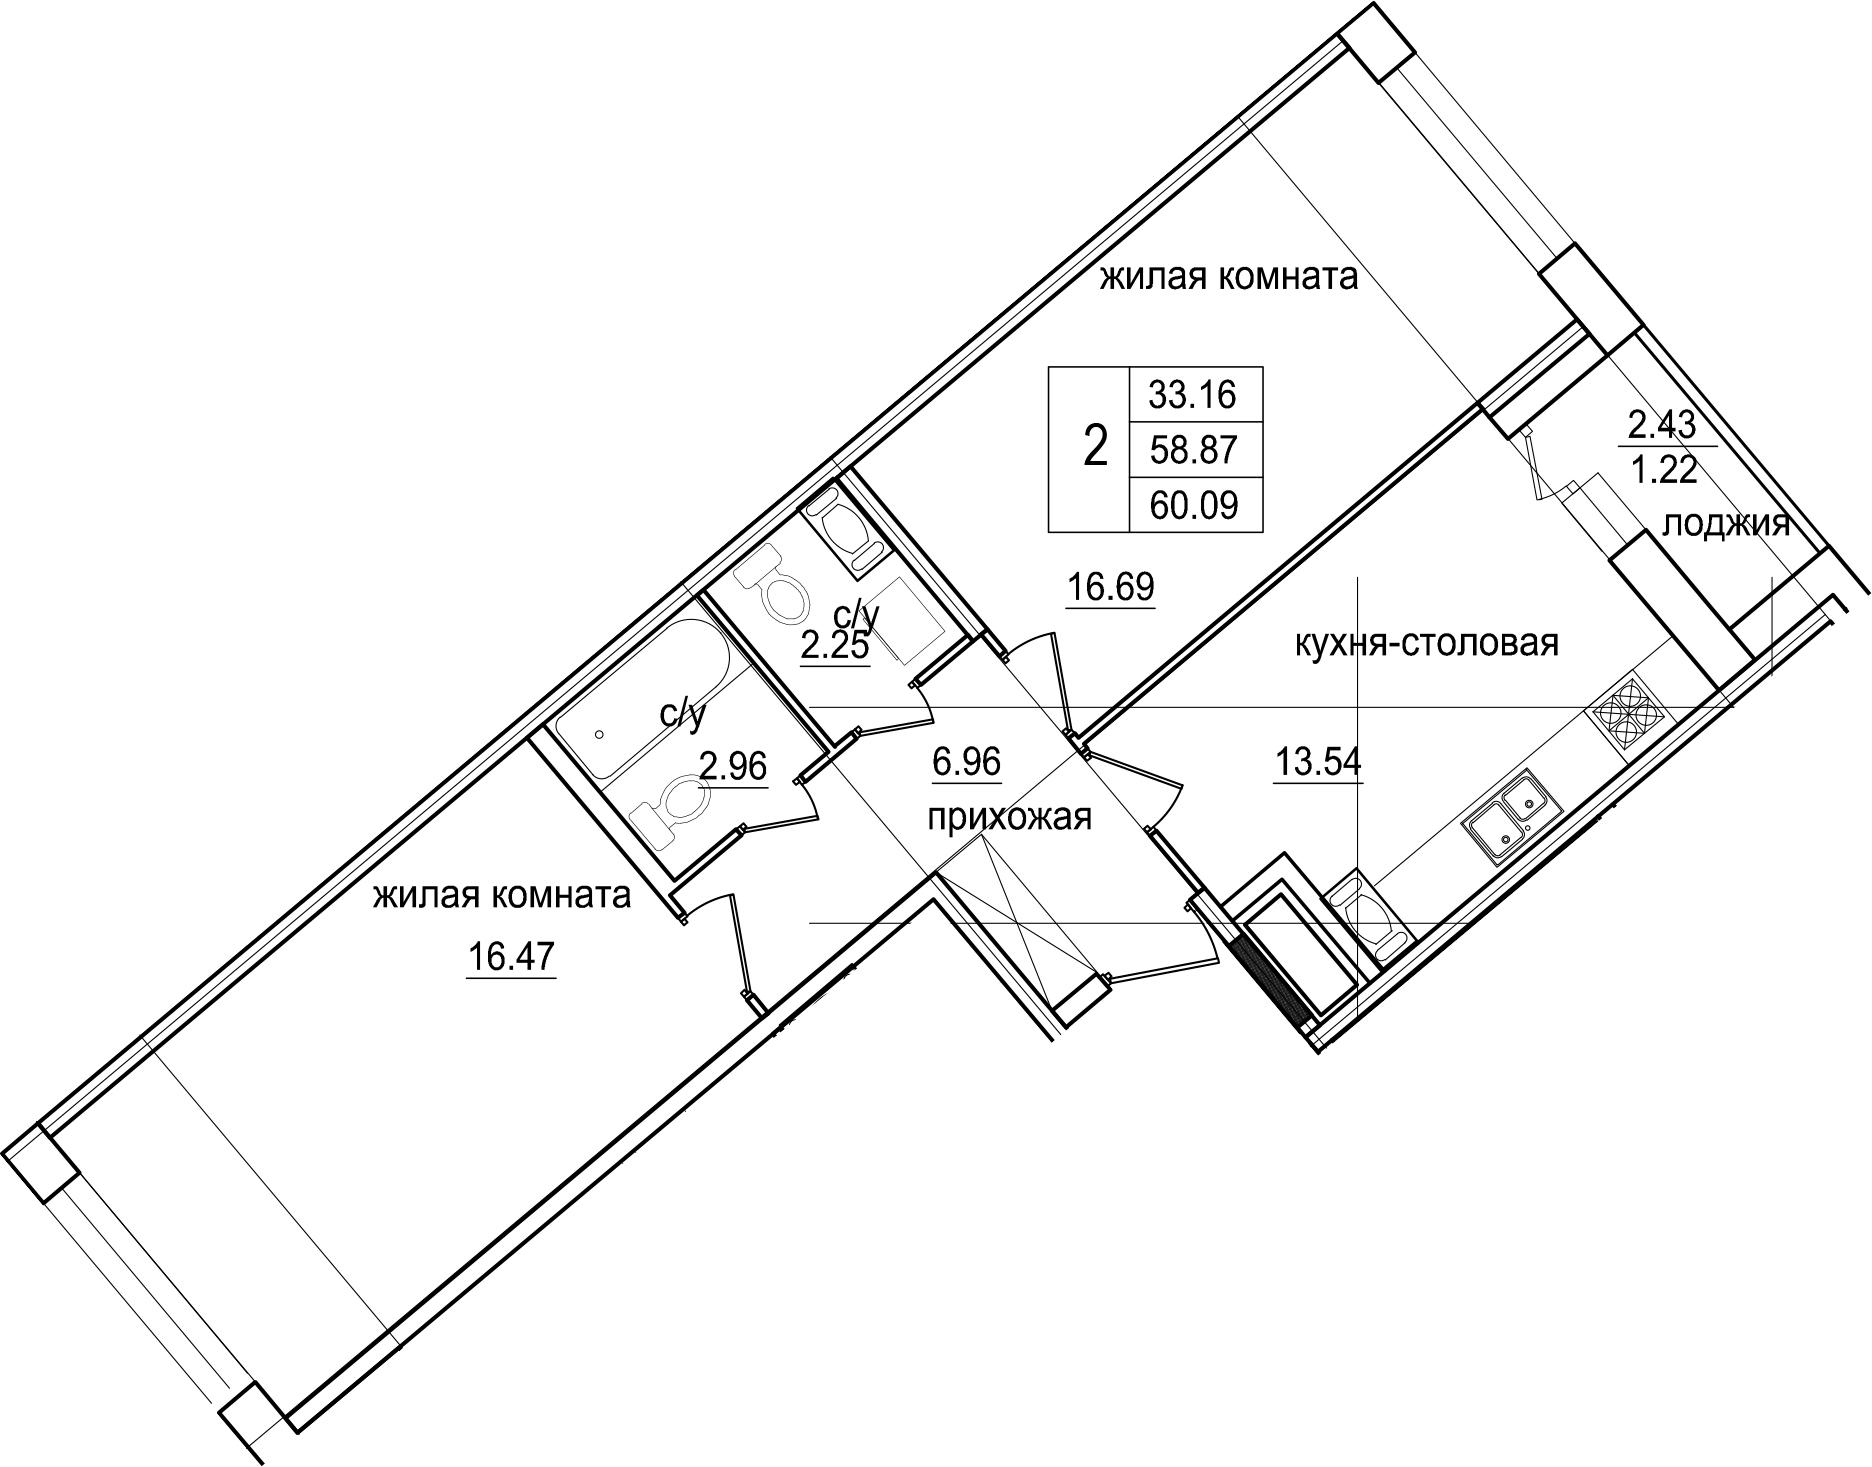 2-комнатная квартира, 60.09 м², 2 этаж – Планировка